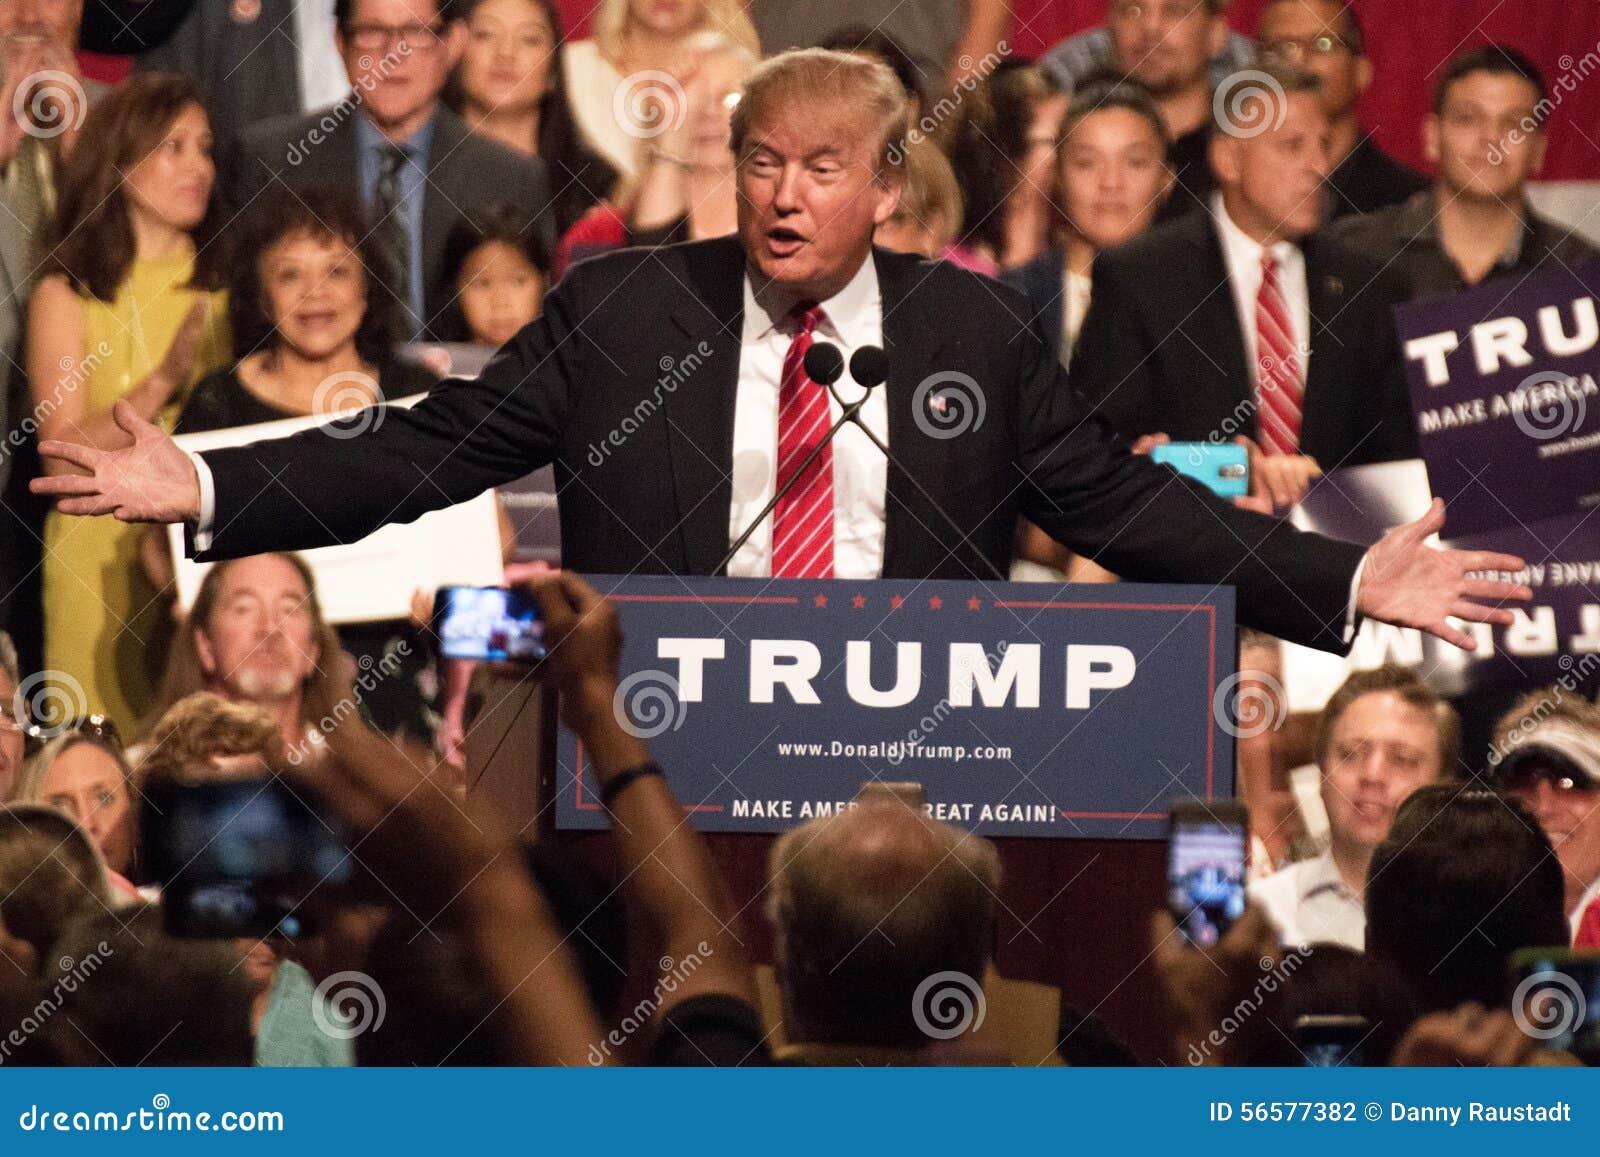 Premier rassemblement de la campagne présidentielle de Donald Trump à Phoenix